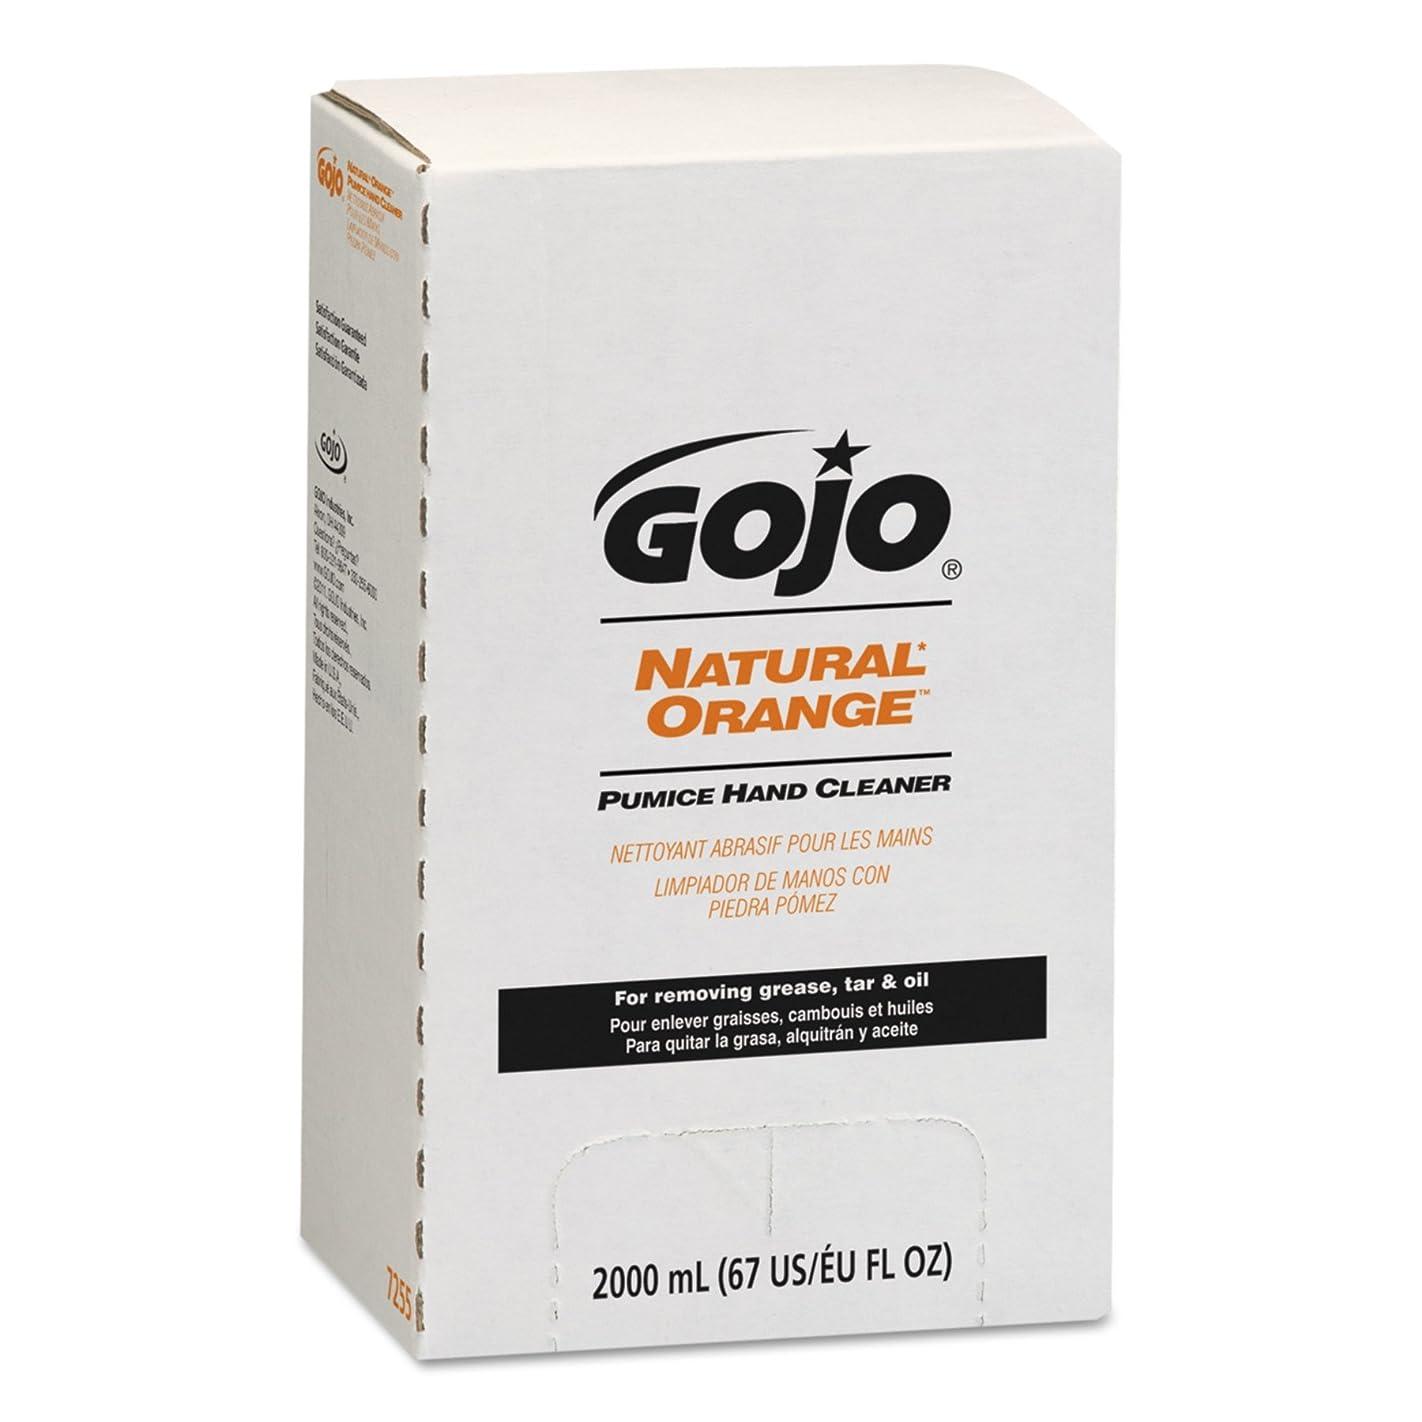 エスカレート異議無駄なNATURAL ORANGE Pumice Hand Cleaner Refill, Citrus Scent, 2000 mL, 4/Carton (並行輸入品)